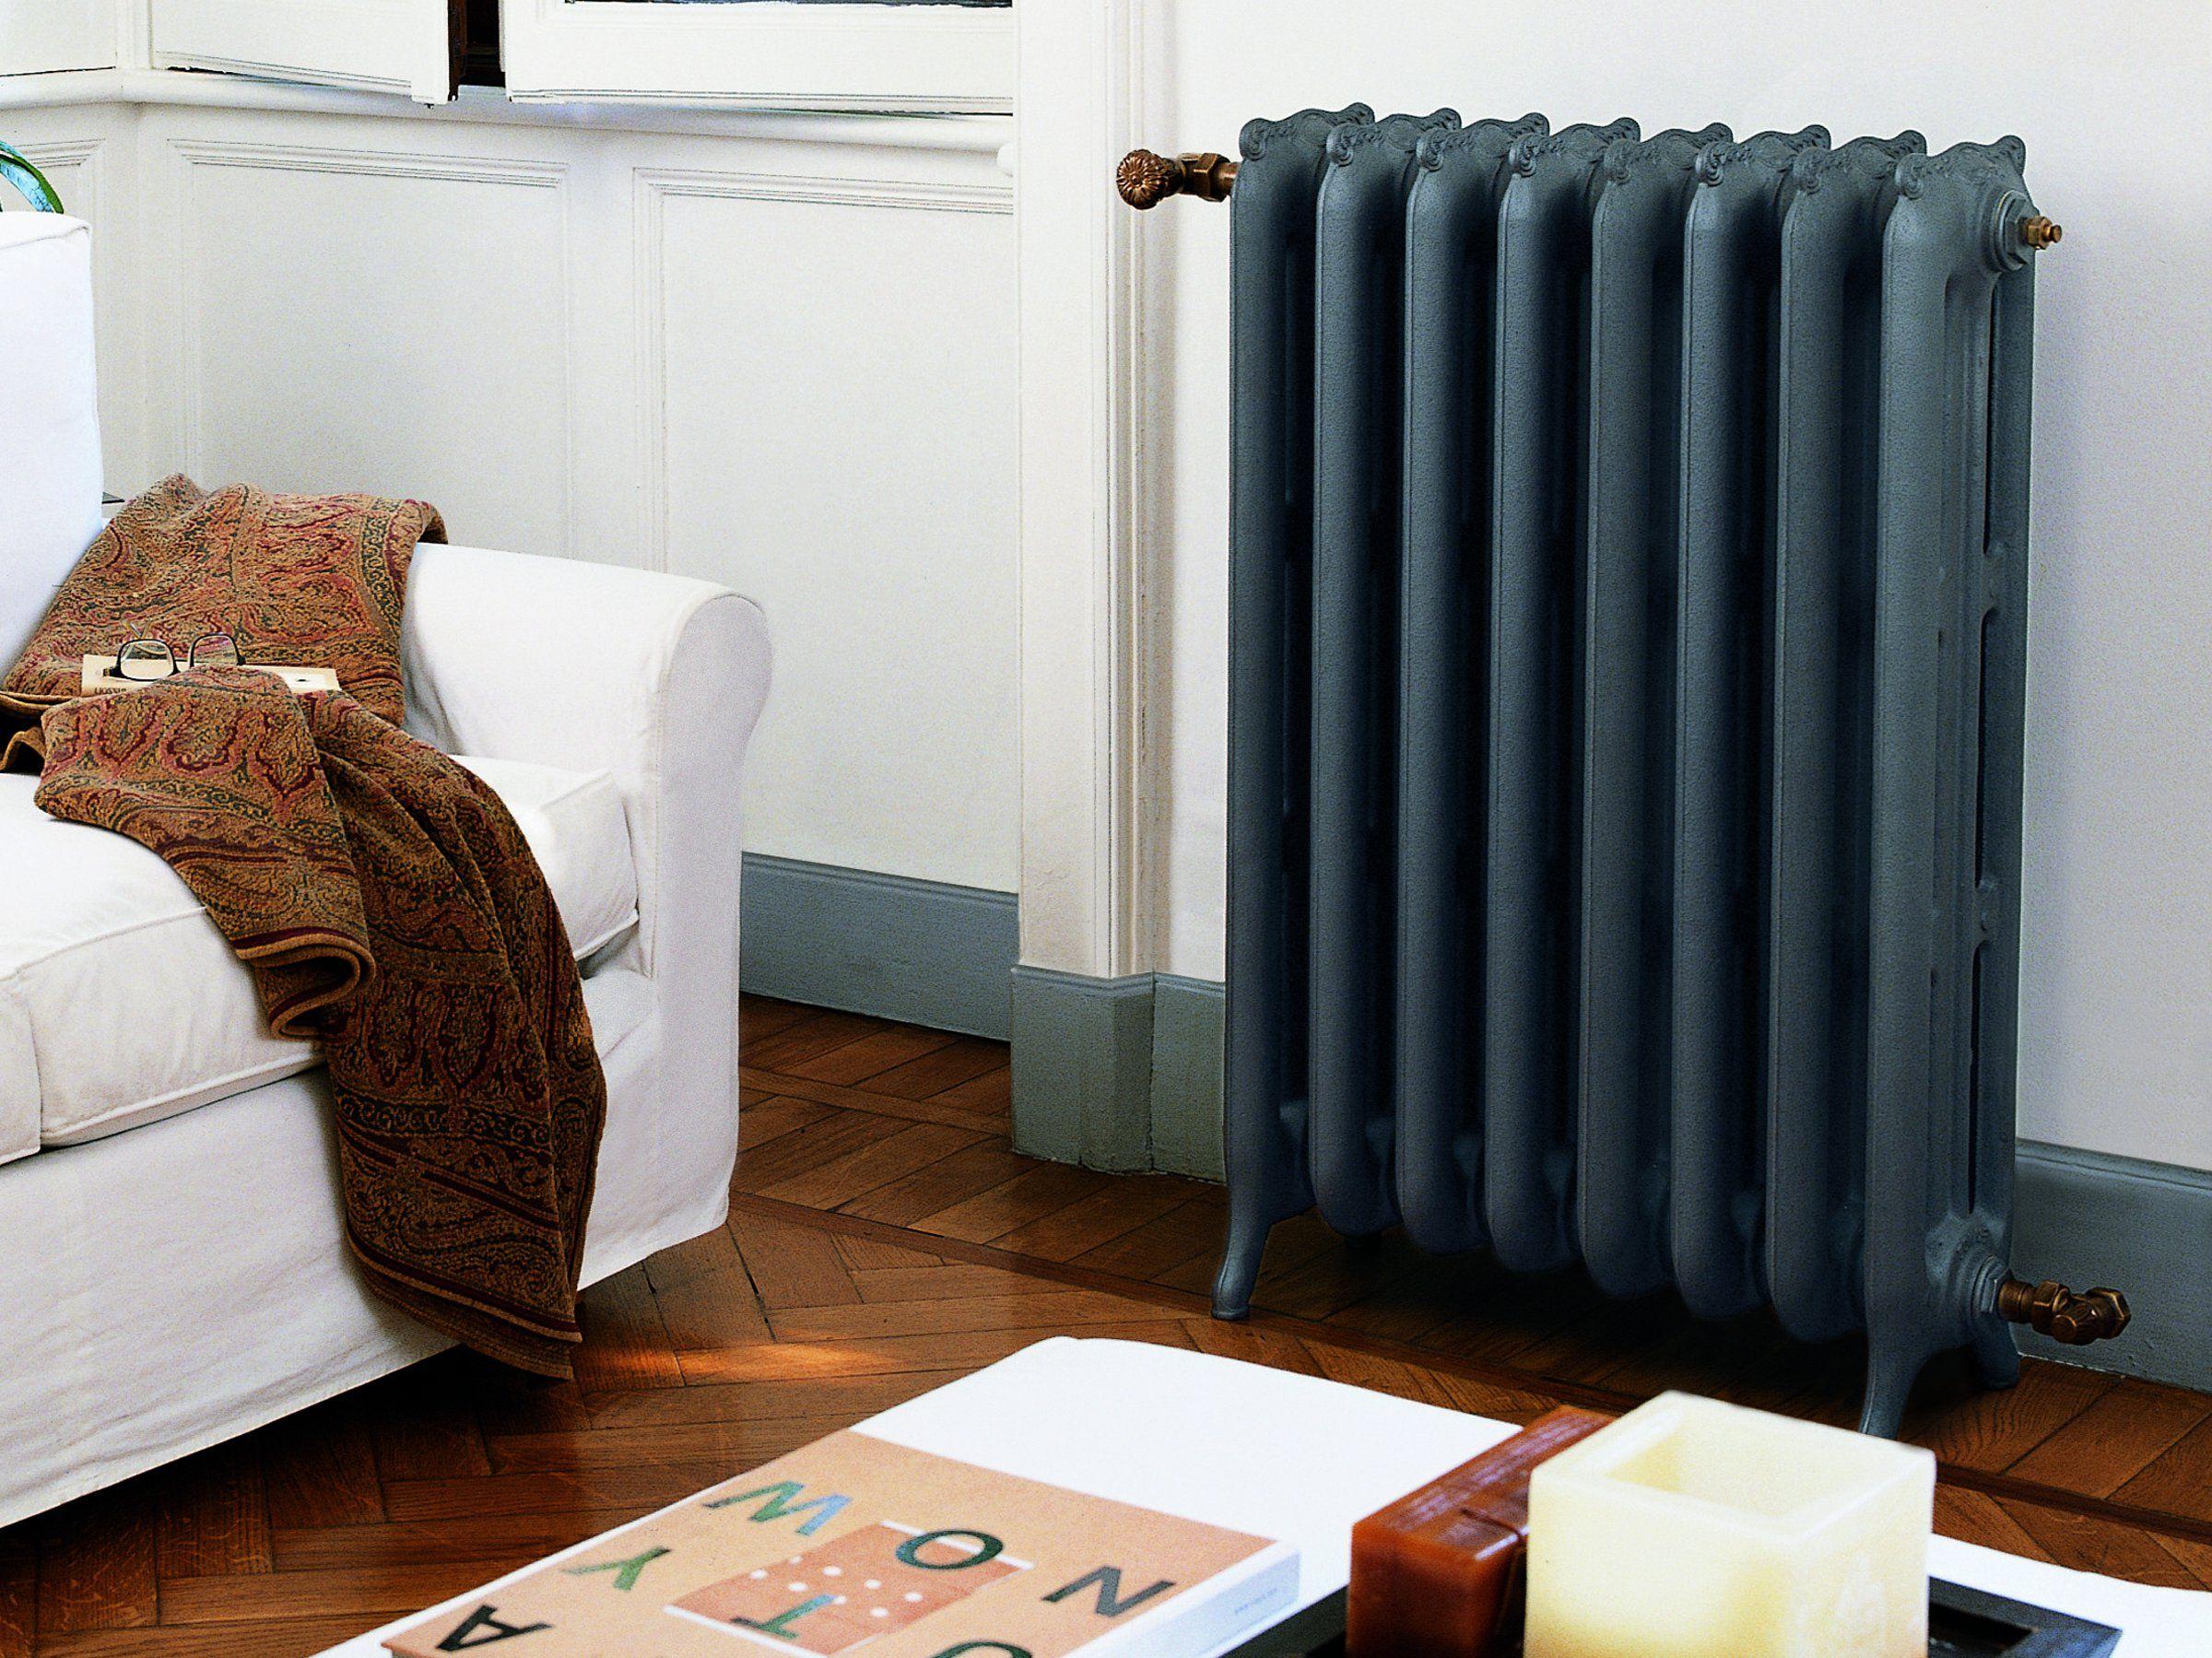 Tiffany radiateurs en fonte radiateur et radiateur fonte - Vieux radiateur en fonte ...